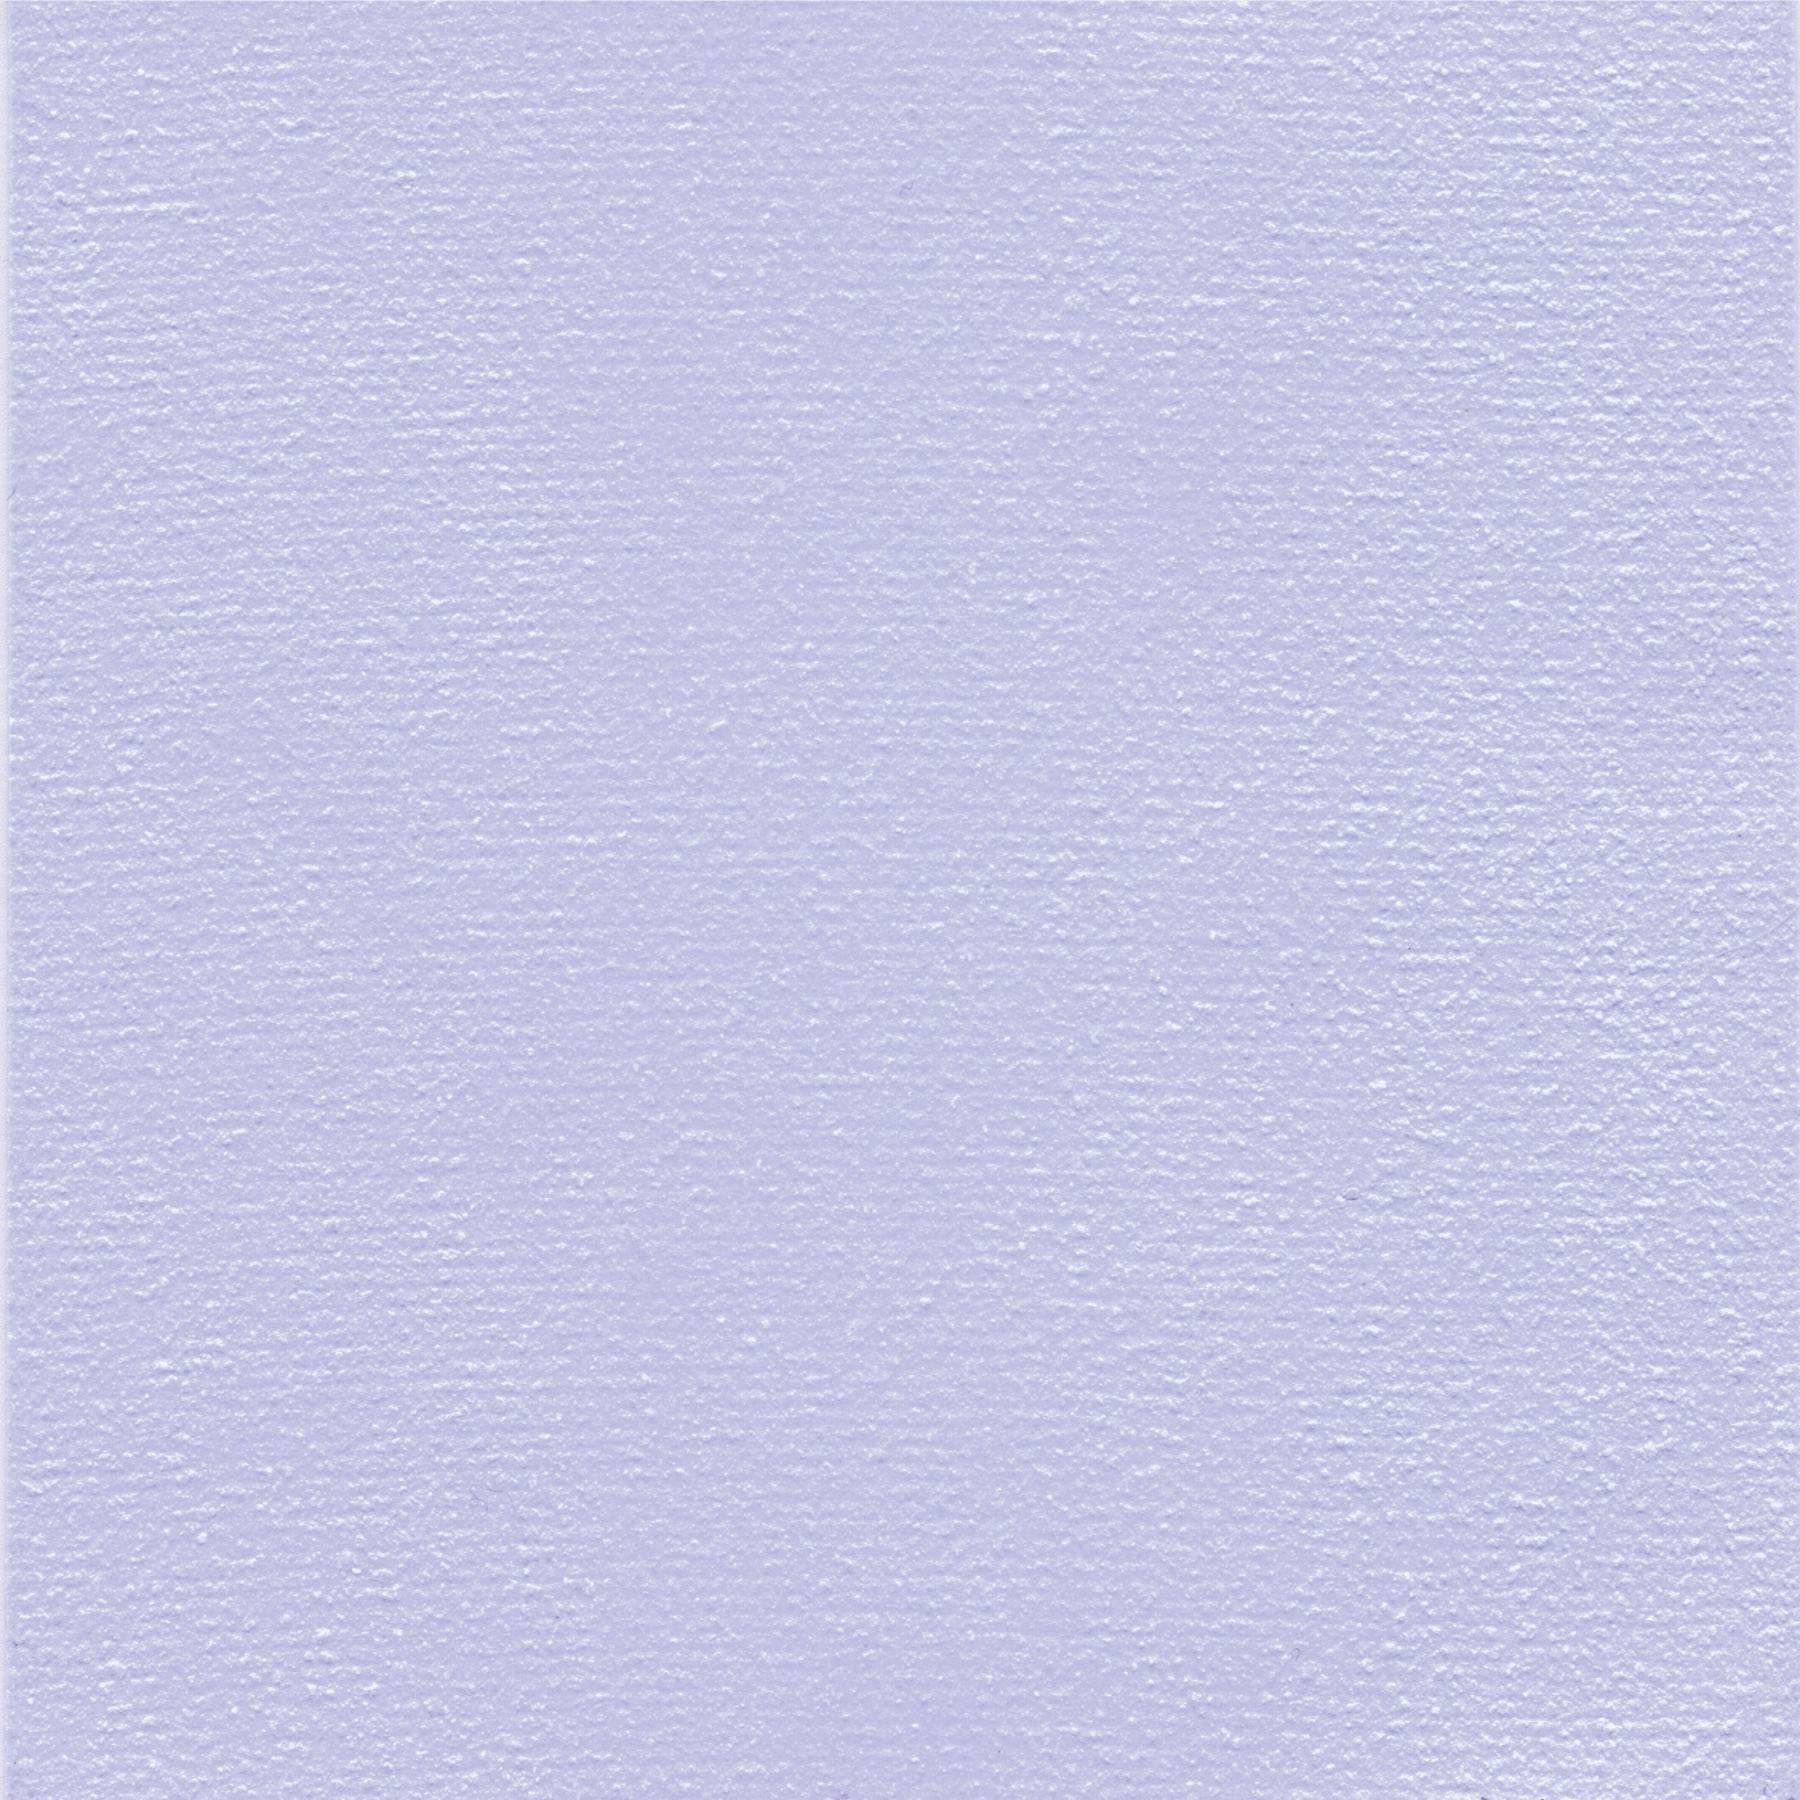 Teplovodivá fólie SoftthermR 86/300 120x200x3 mm